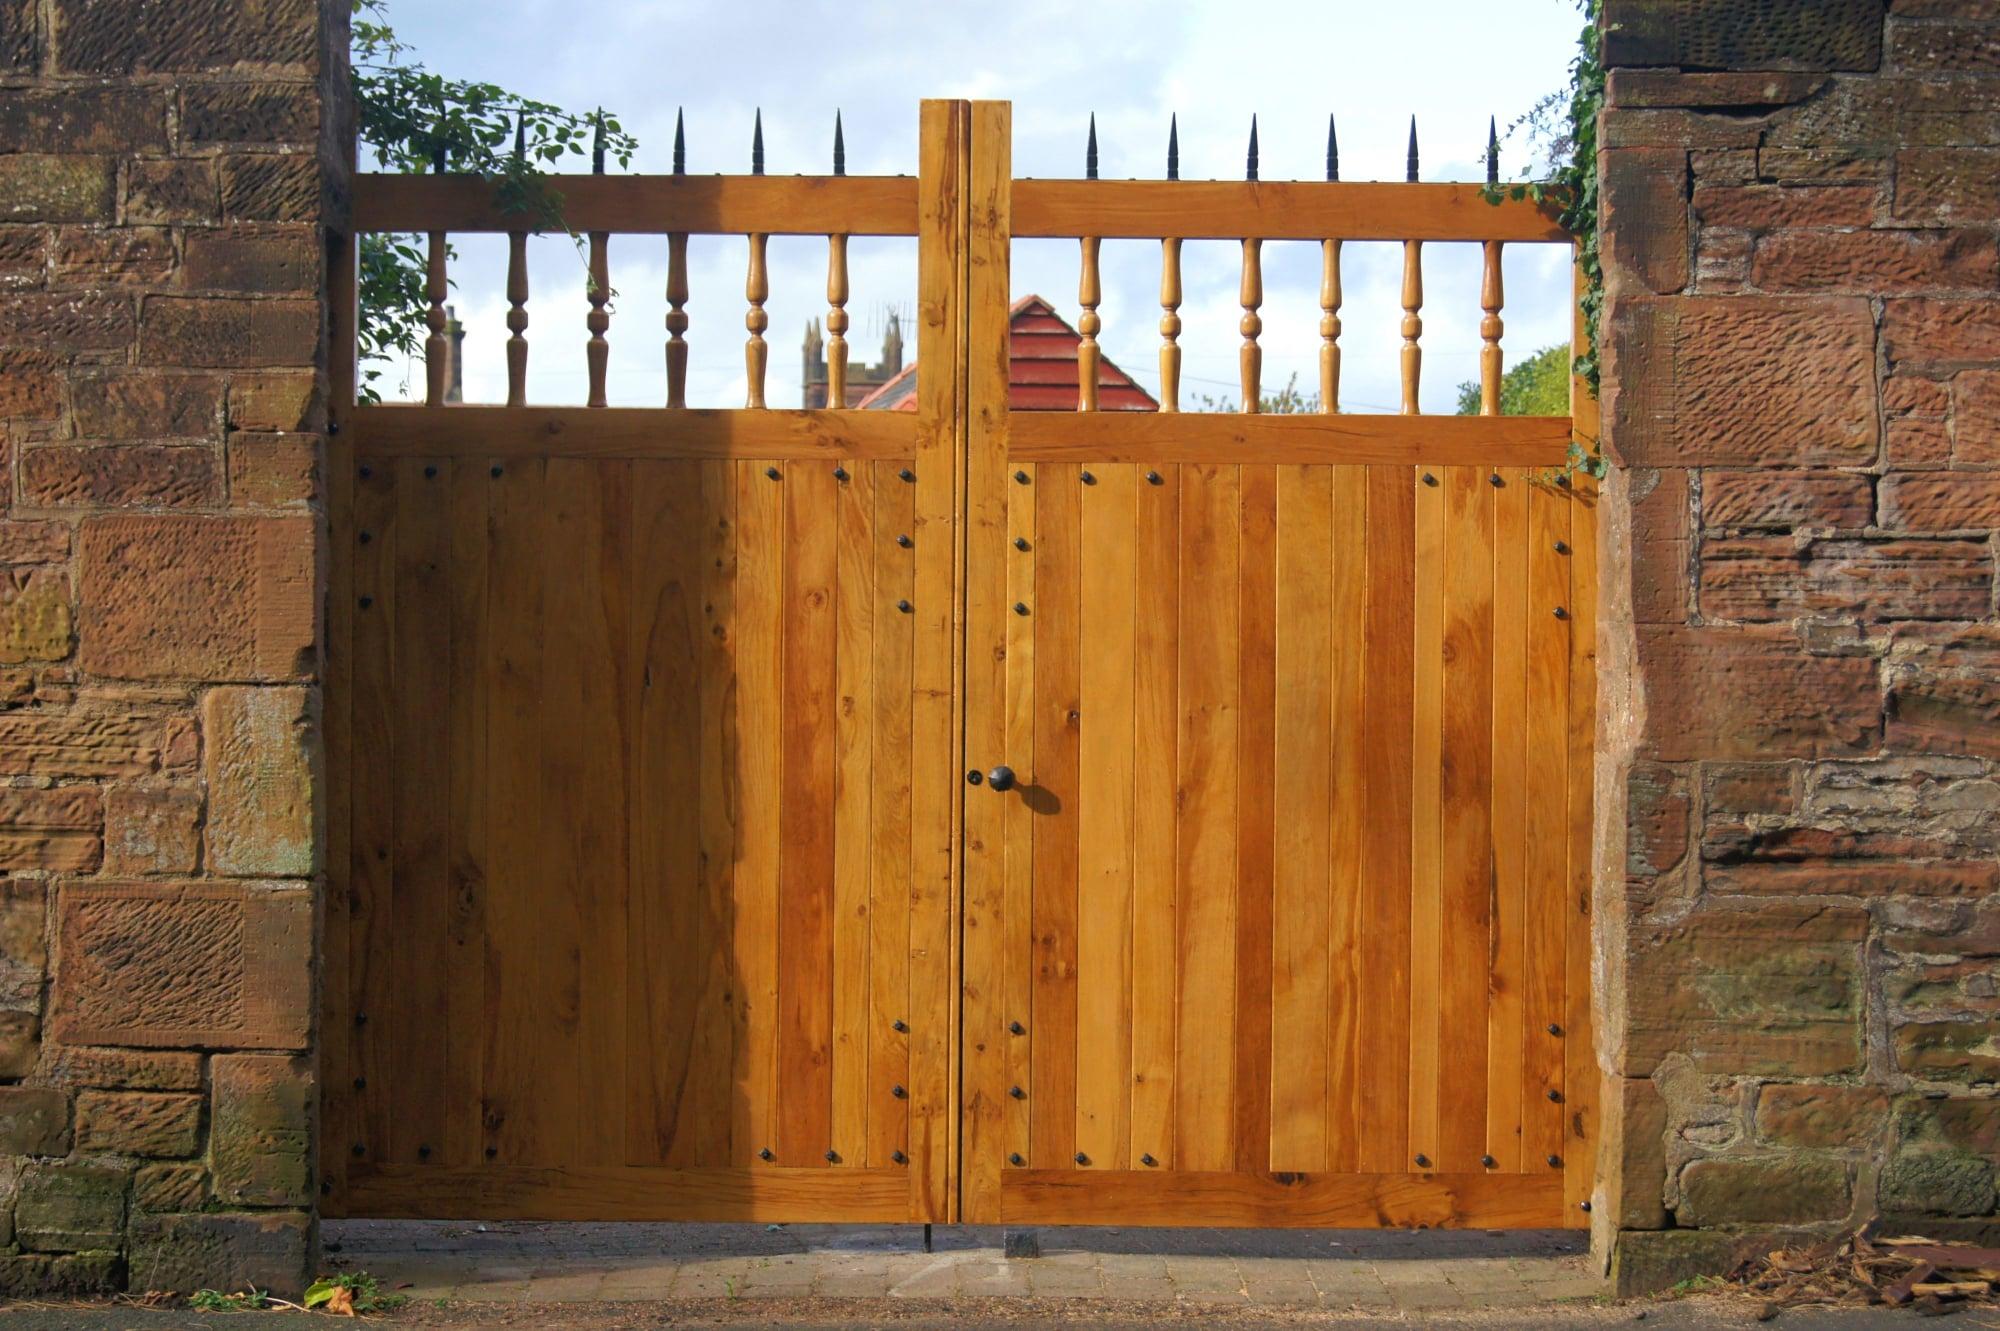 Castle-Style Gates